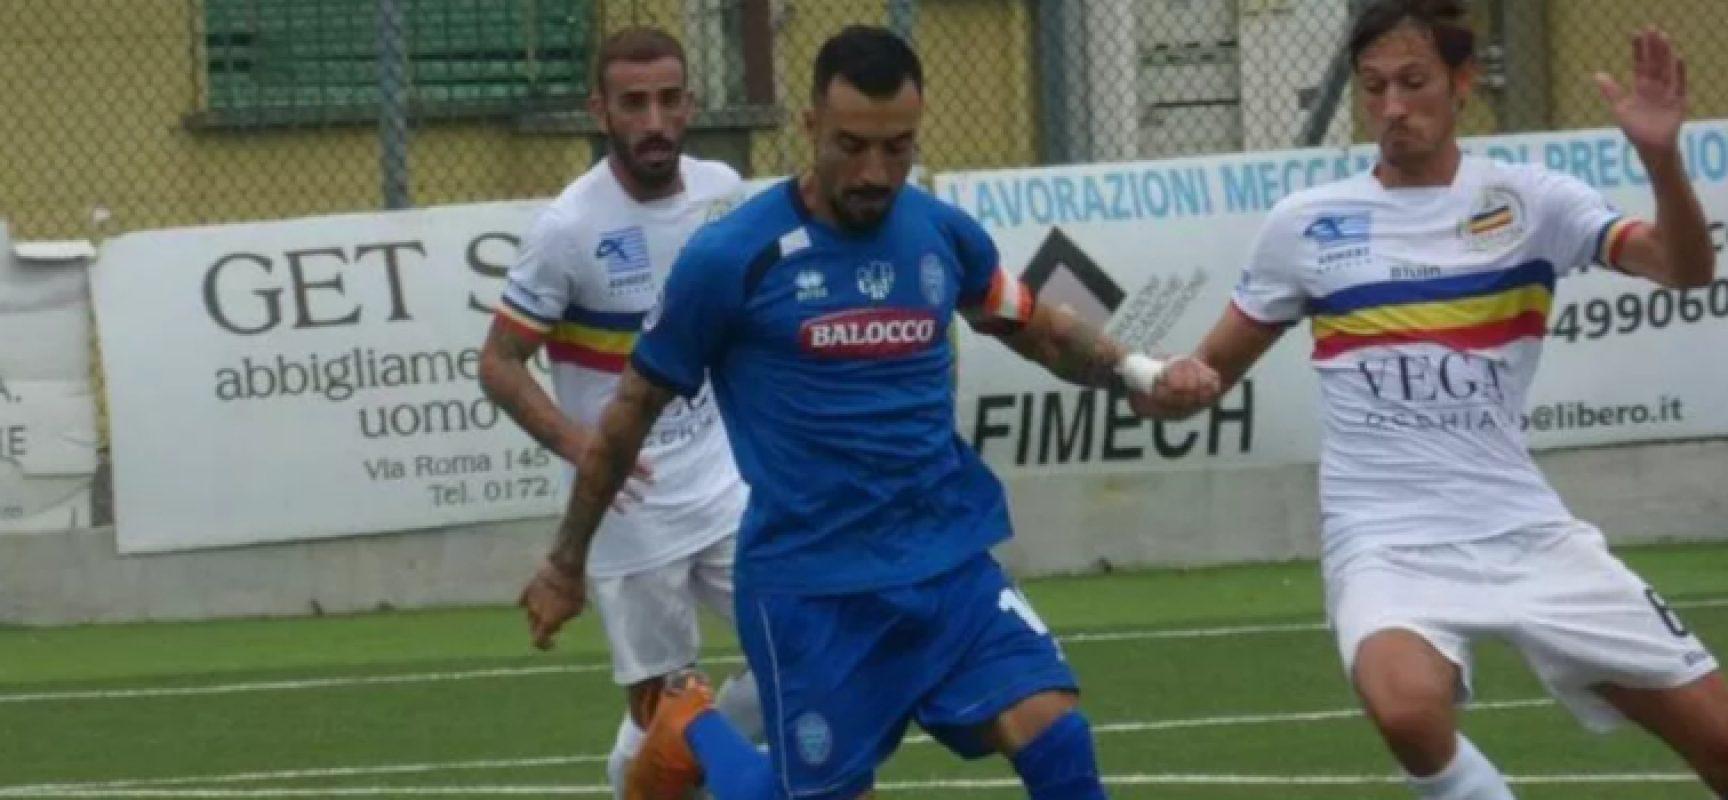 Bisceglie Calcio, Riccardo Romani è il primo acquisto del mercato di gennaio